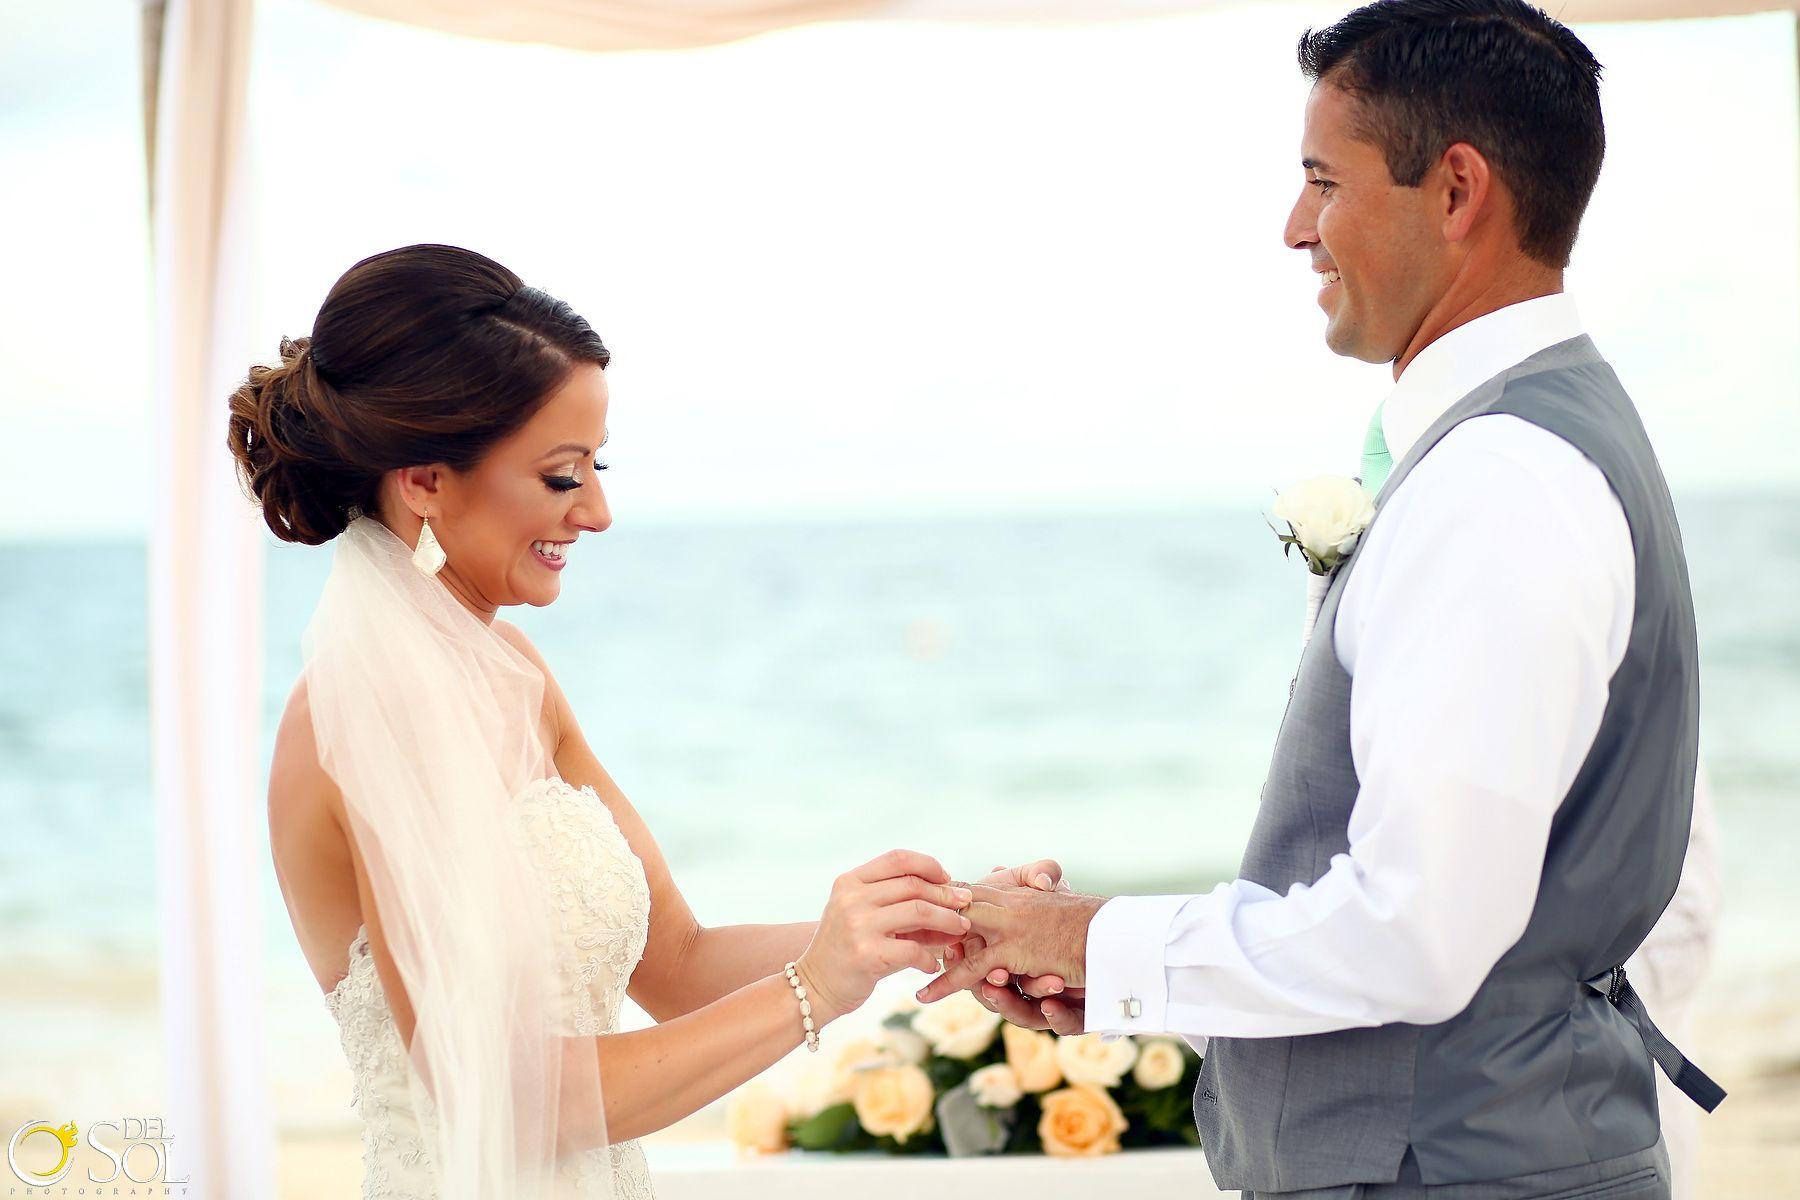 Boda en la playa, intercambio de anillos, maquillaje y peinado por ...